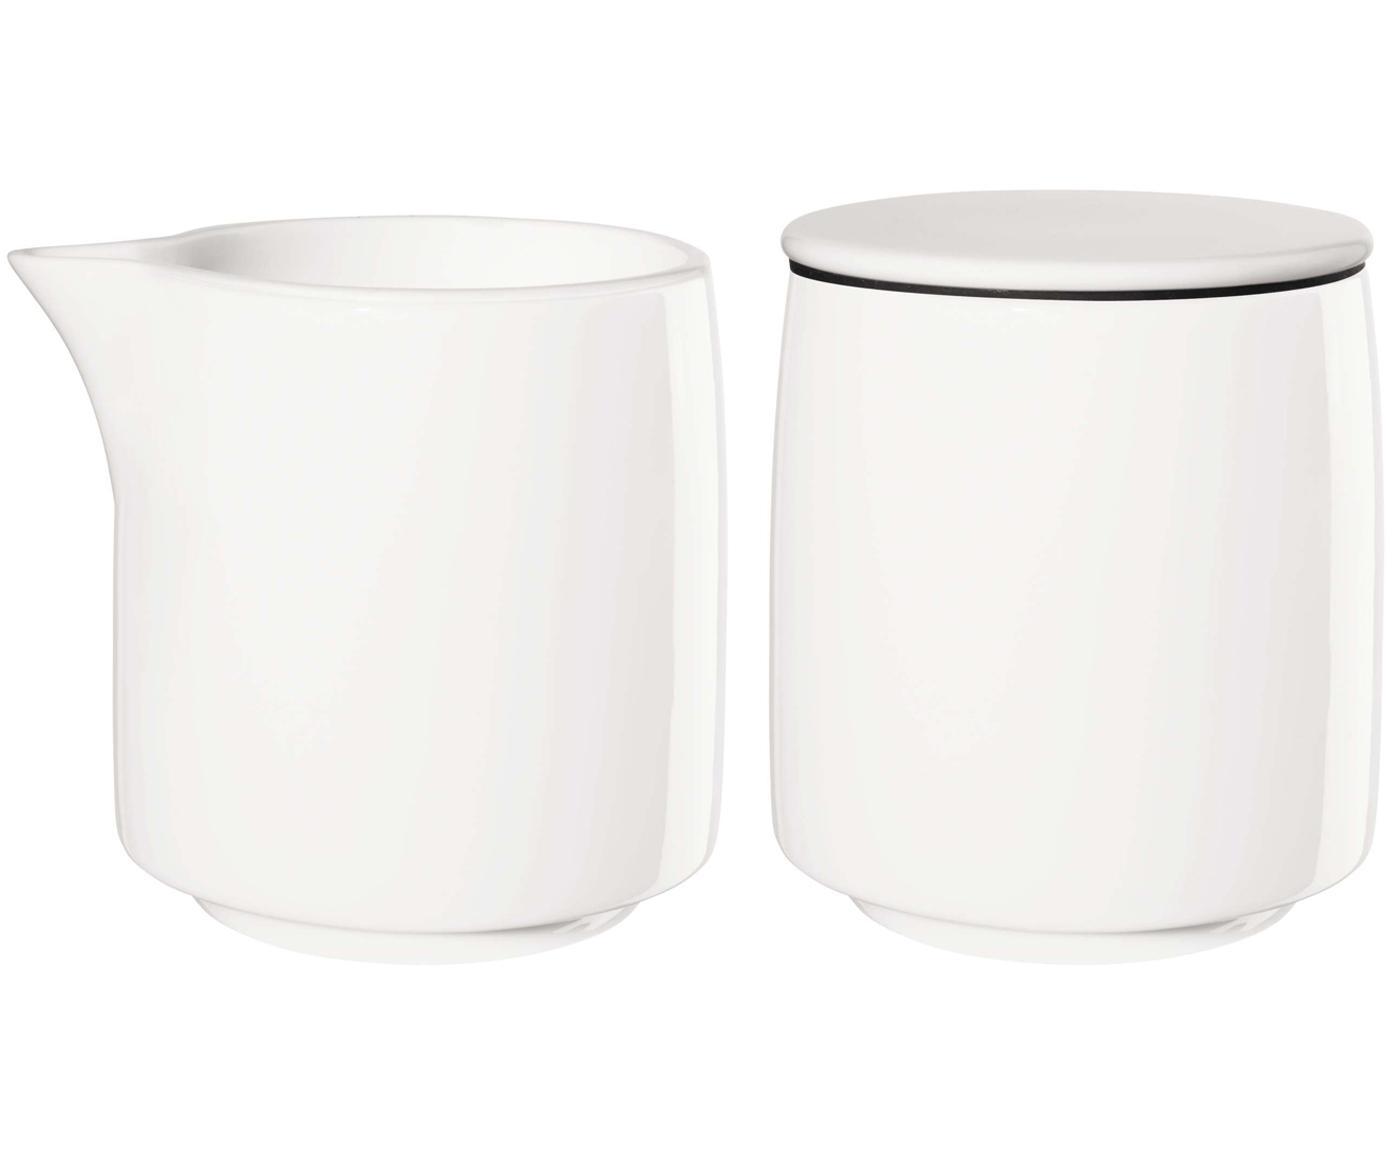 Komplet z mlecznikiem i cukiernicą Safe, 2 elem., Porcelana, Biały, czarny, Ø 8 x W 8 cm